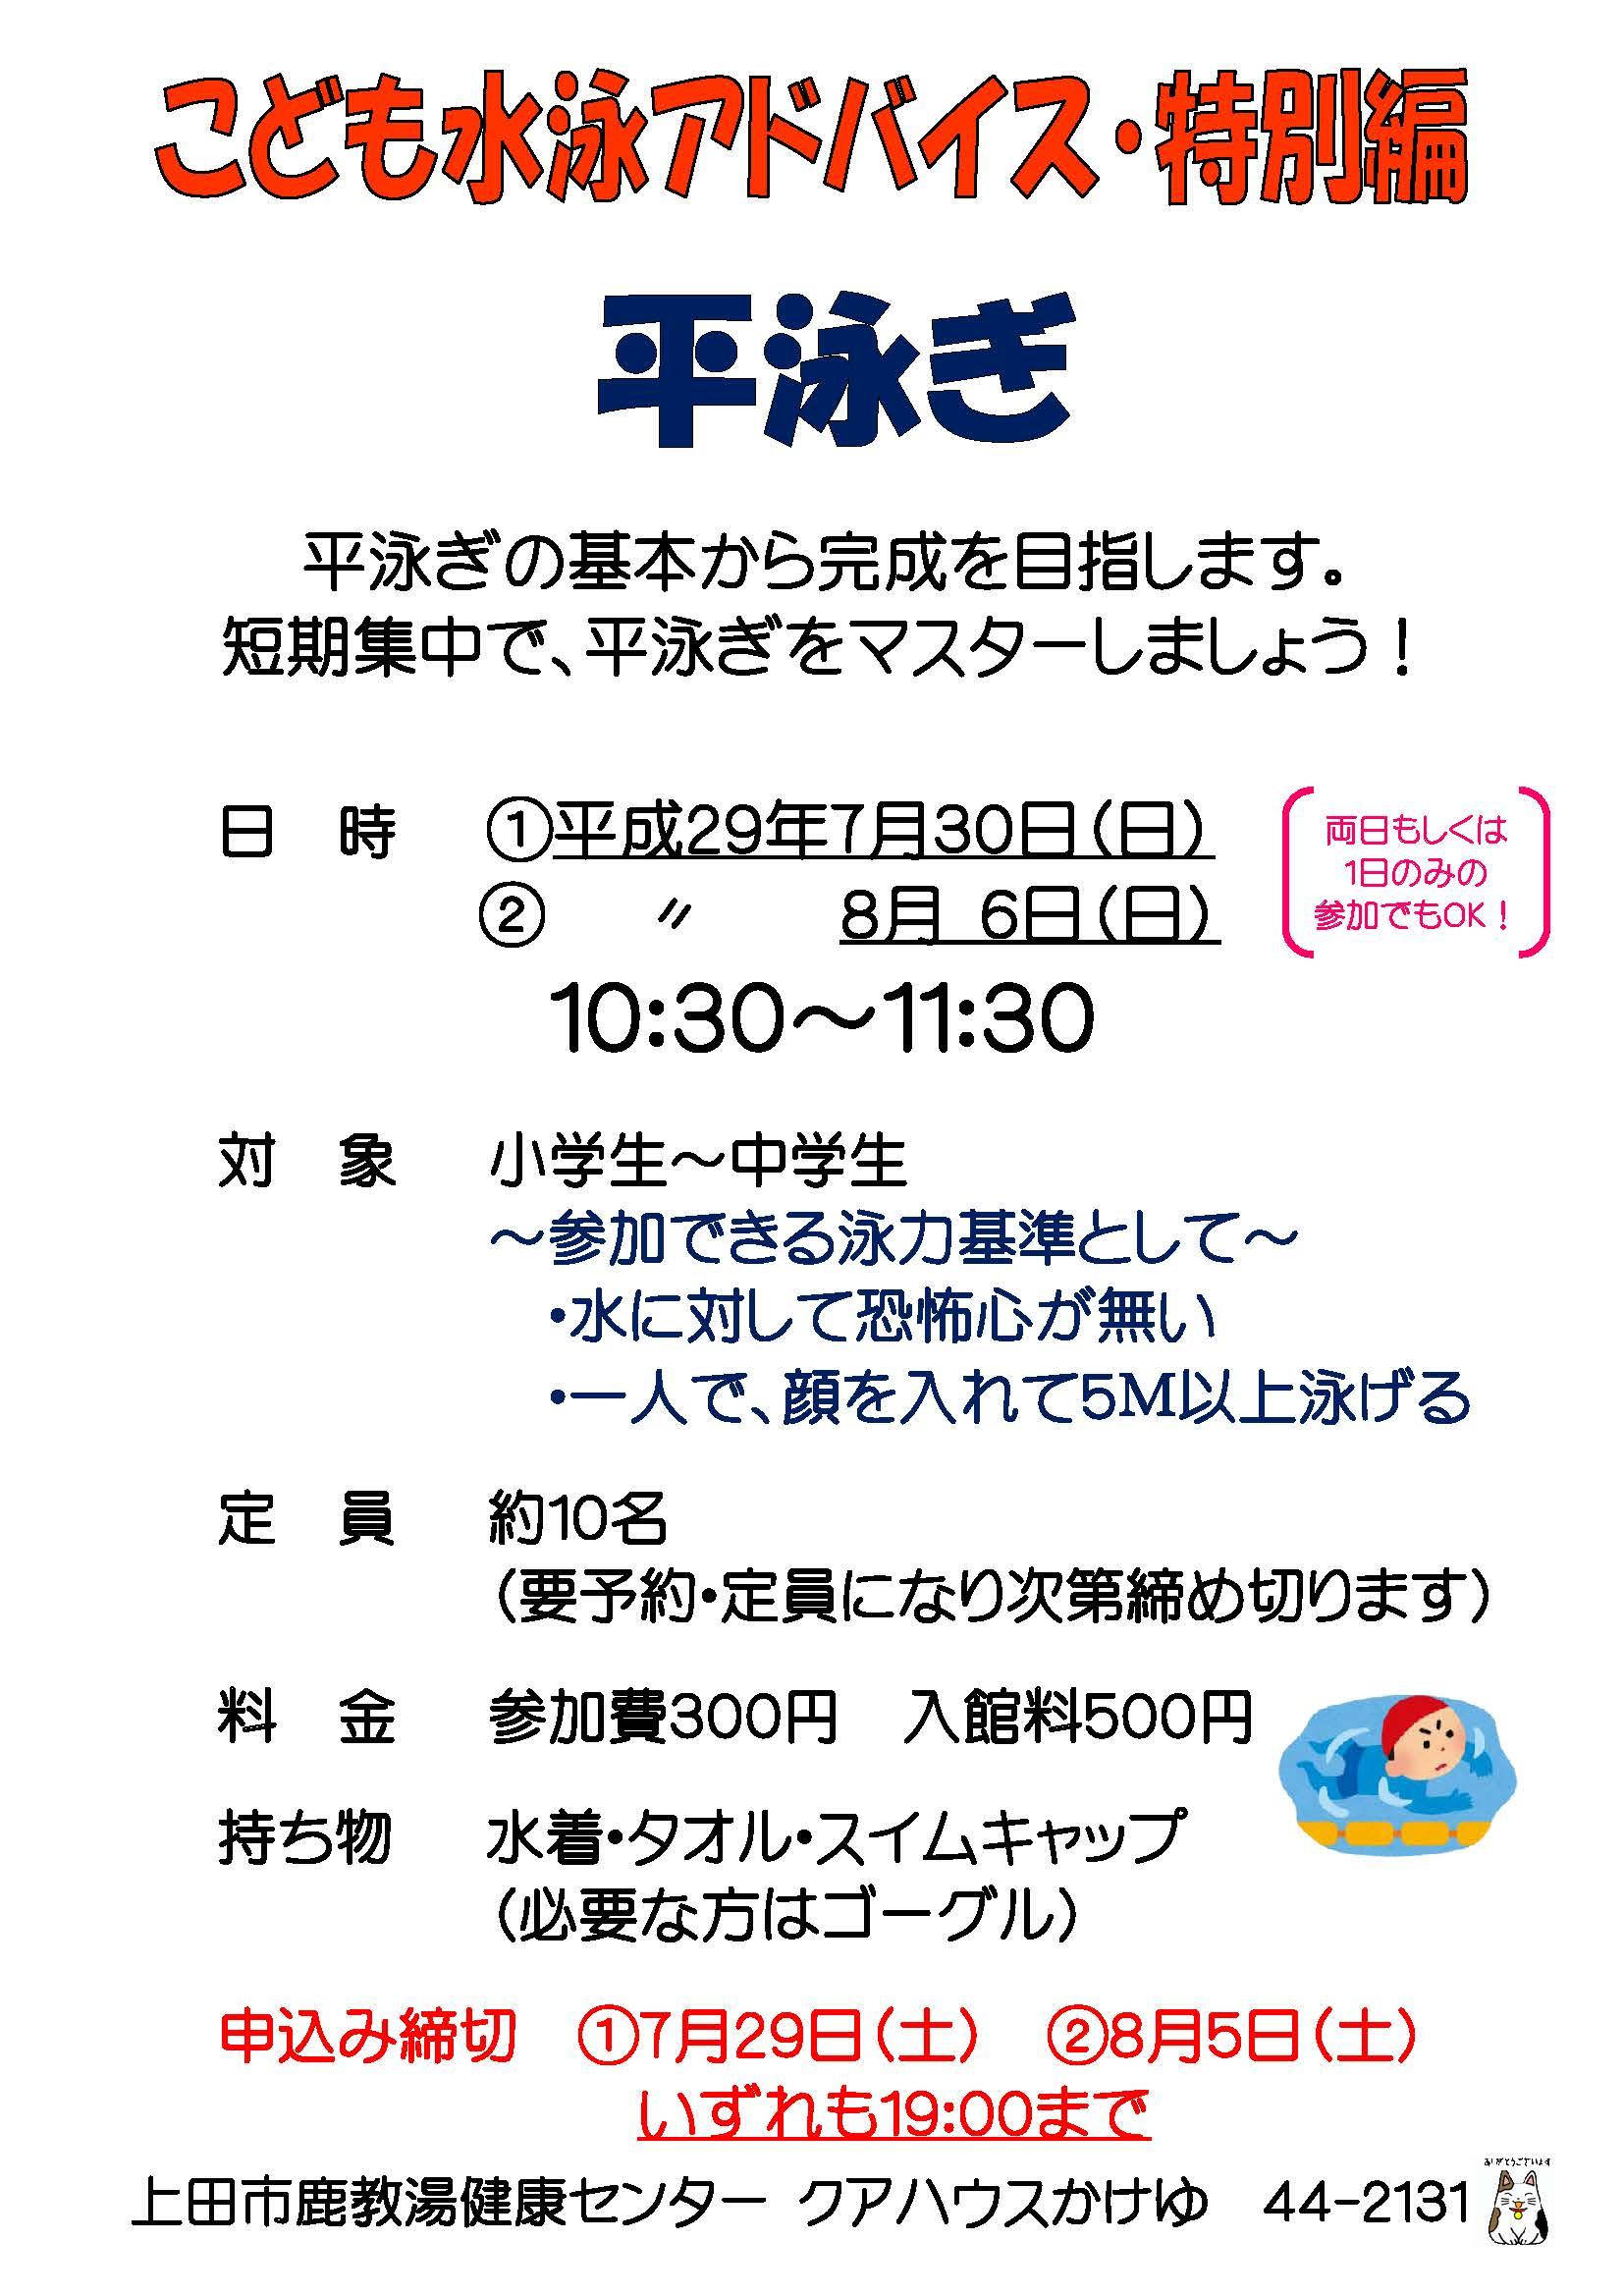 平泳ぎコース・ポスター